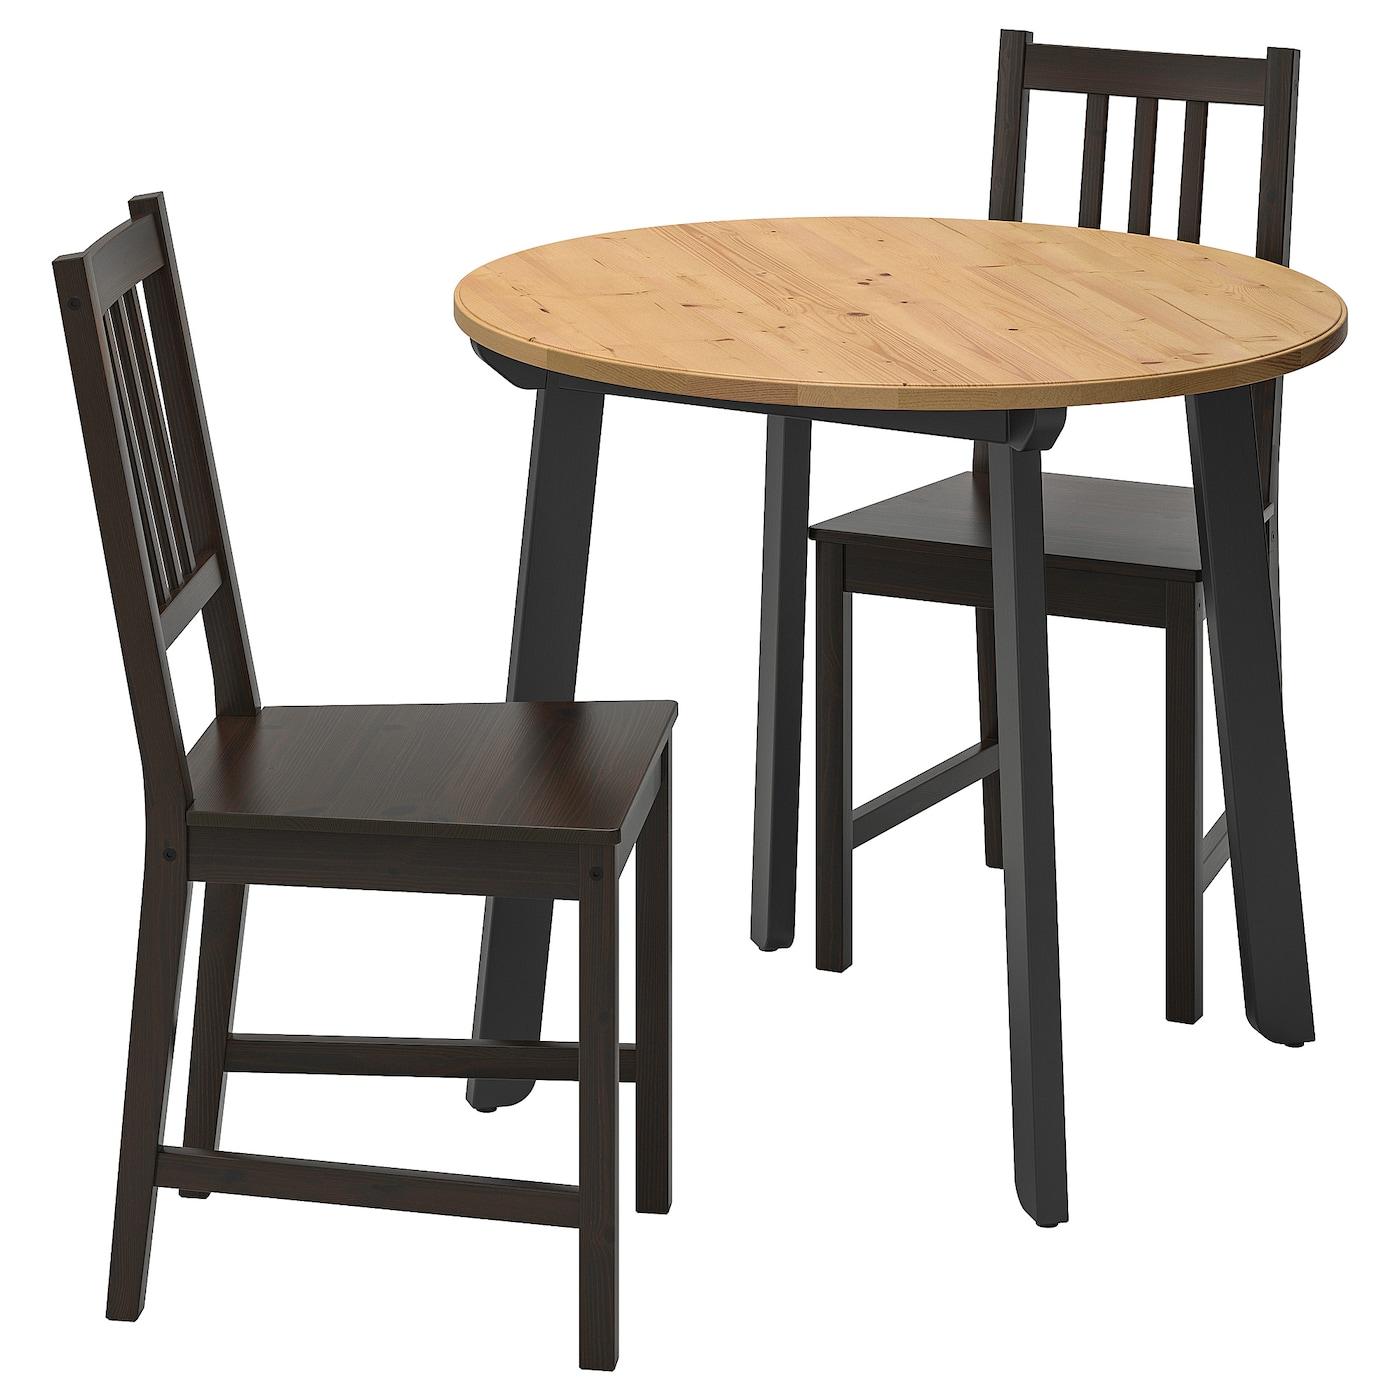 GAMLARED / STEFAN Tisch und 9 Stühle   Antikbeize hell/braunschwarz 9 cm